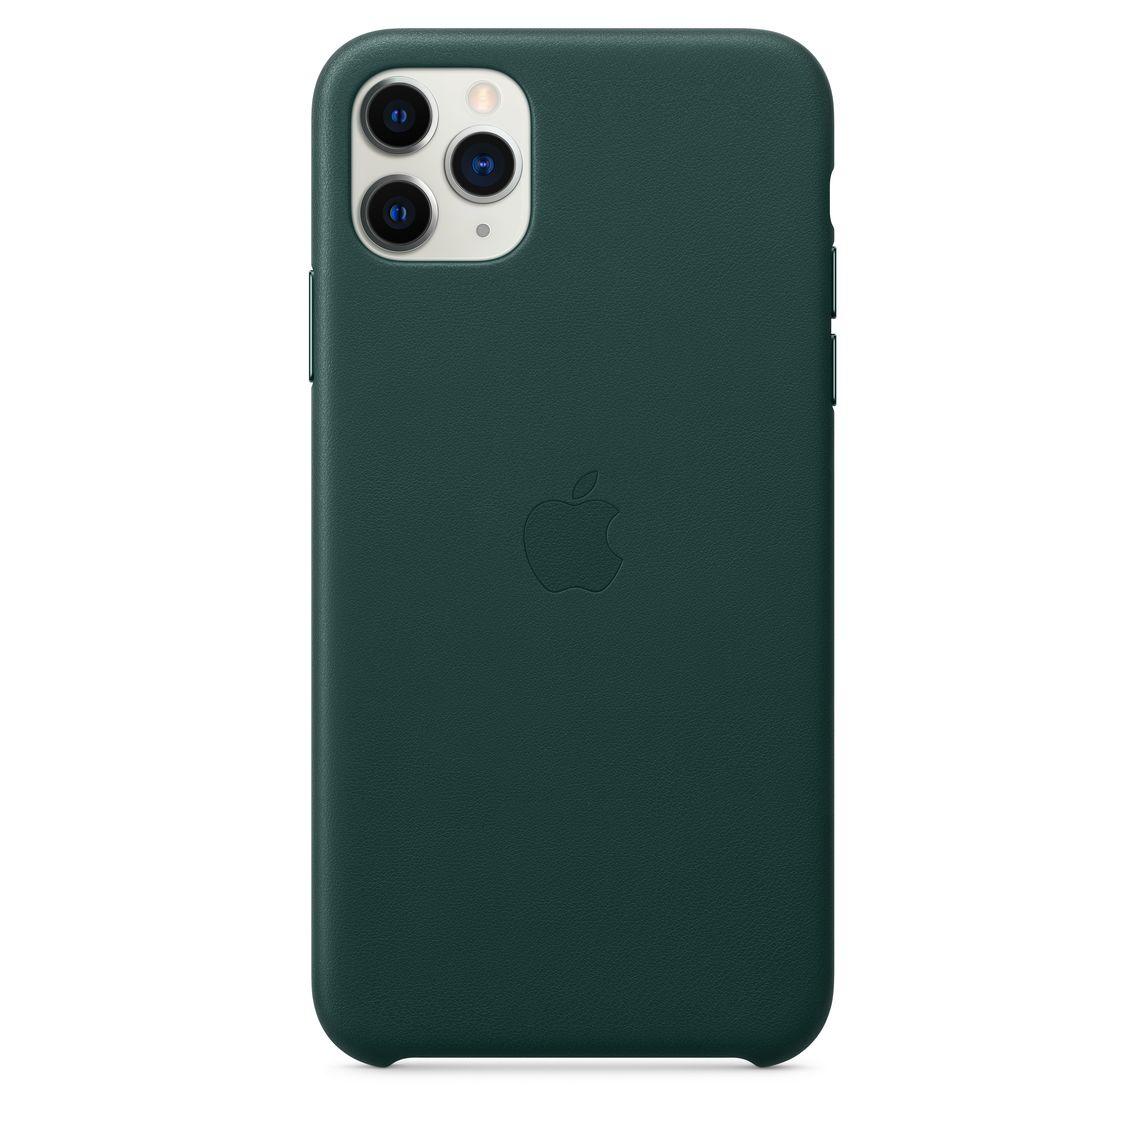 Étui en cuir pour iPhone 11 Pro Max - Vert forêt